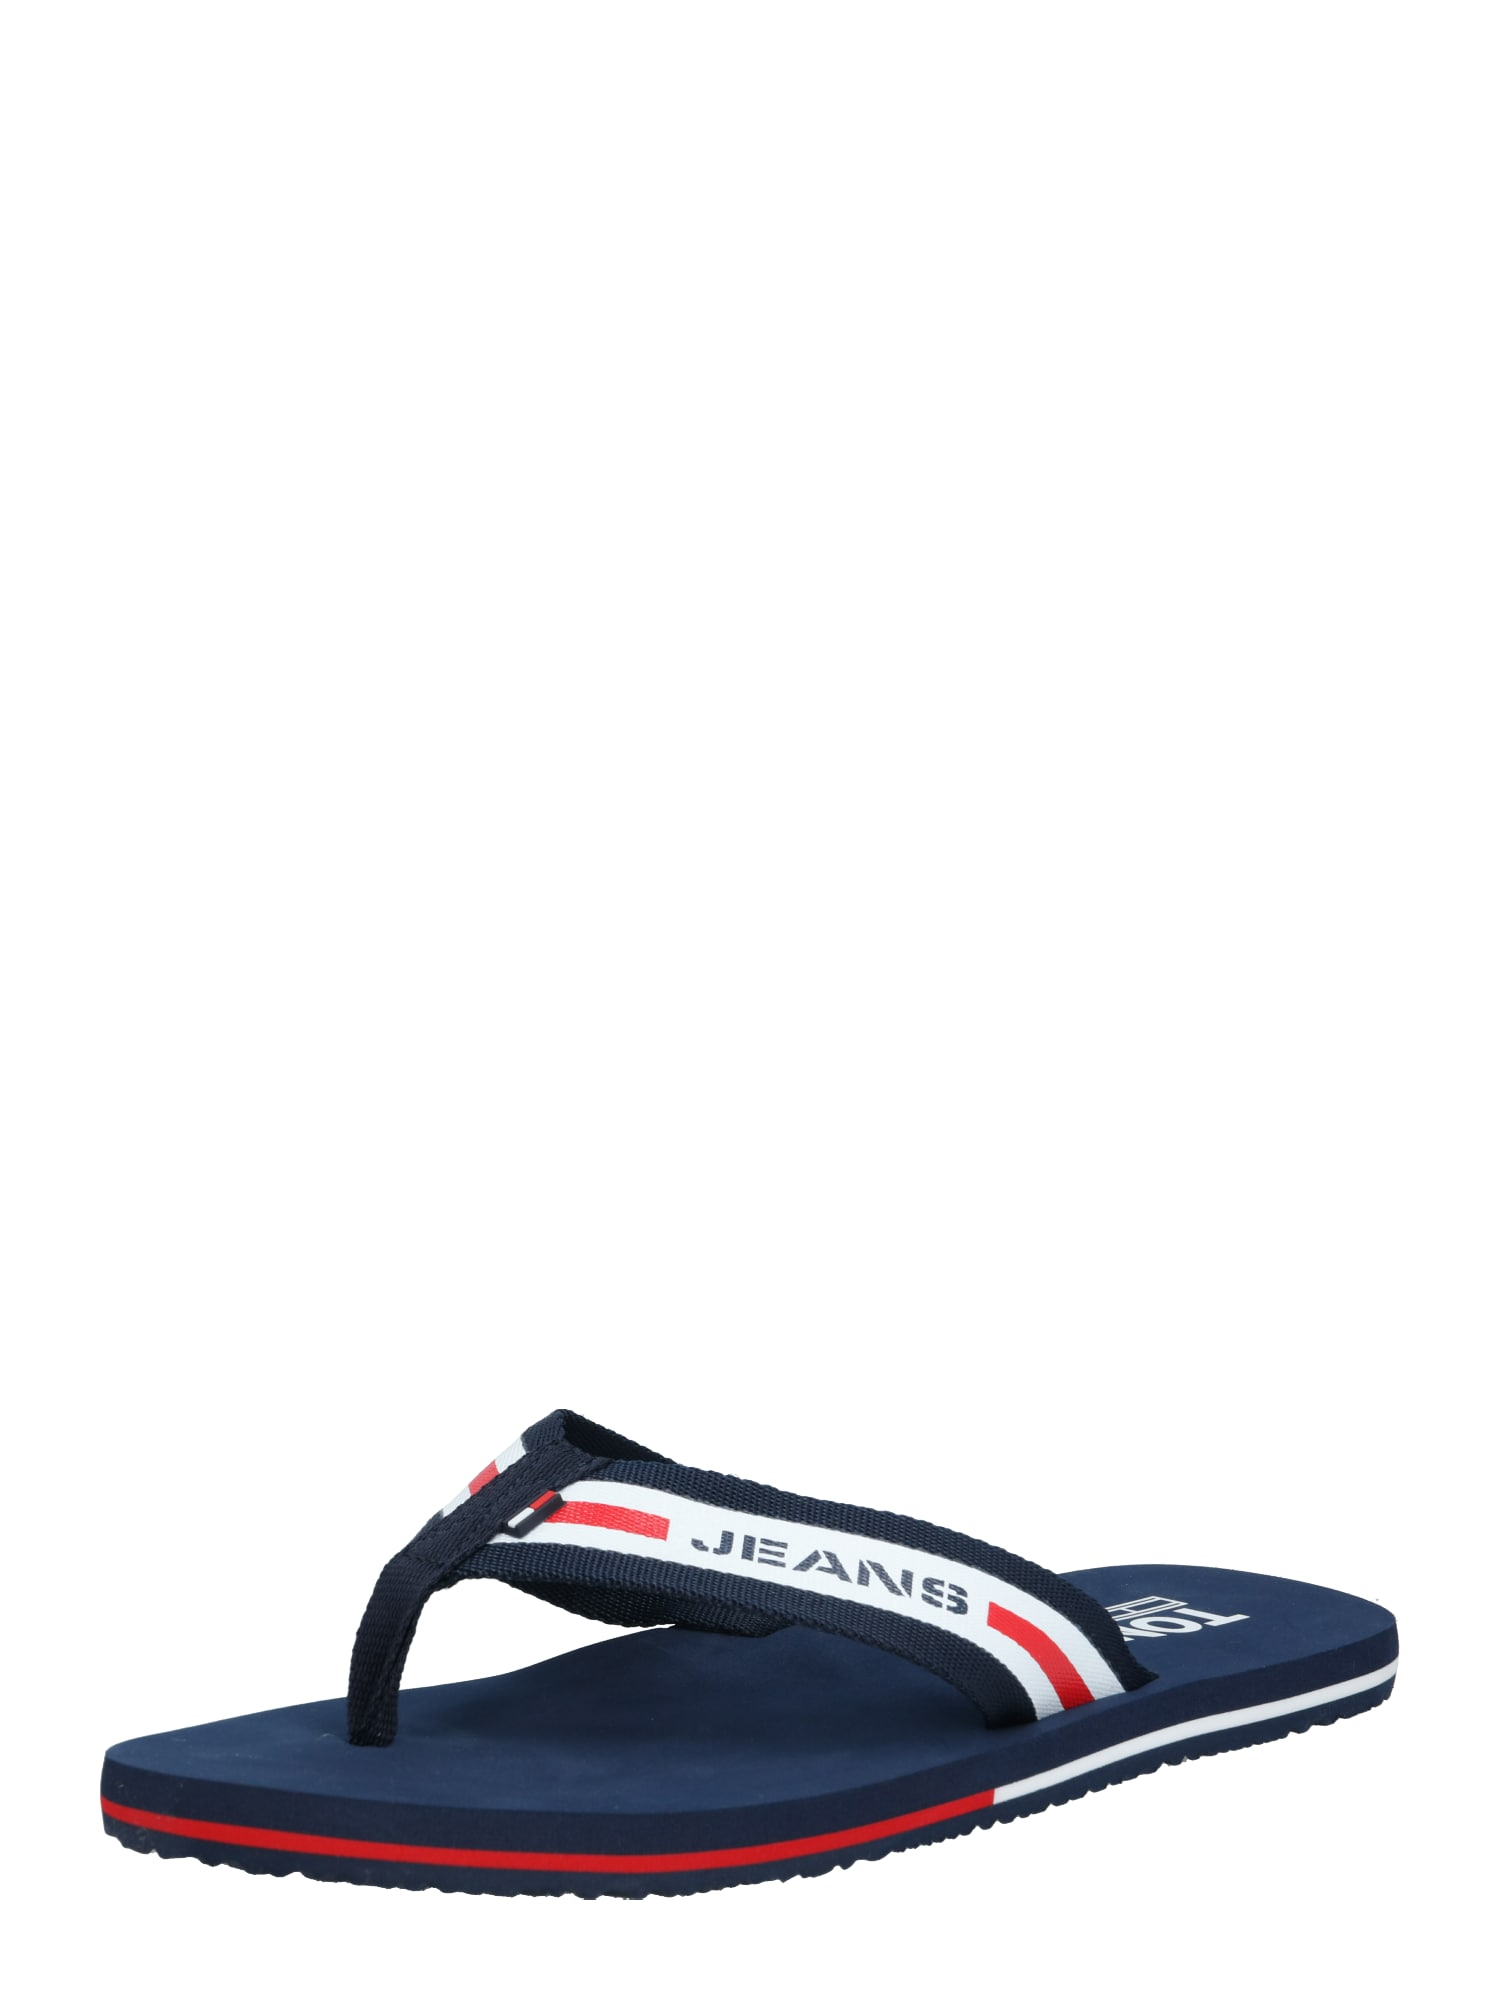 Tommy Jeans Šlepetės per pirštą raudona / balta / tamsiai mėlyna